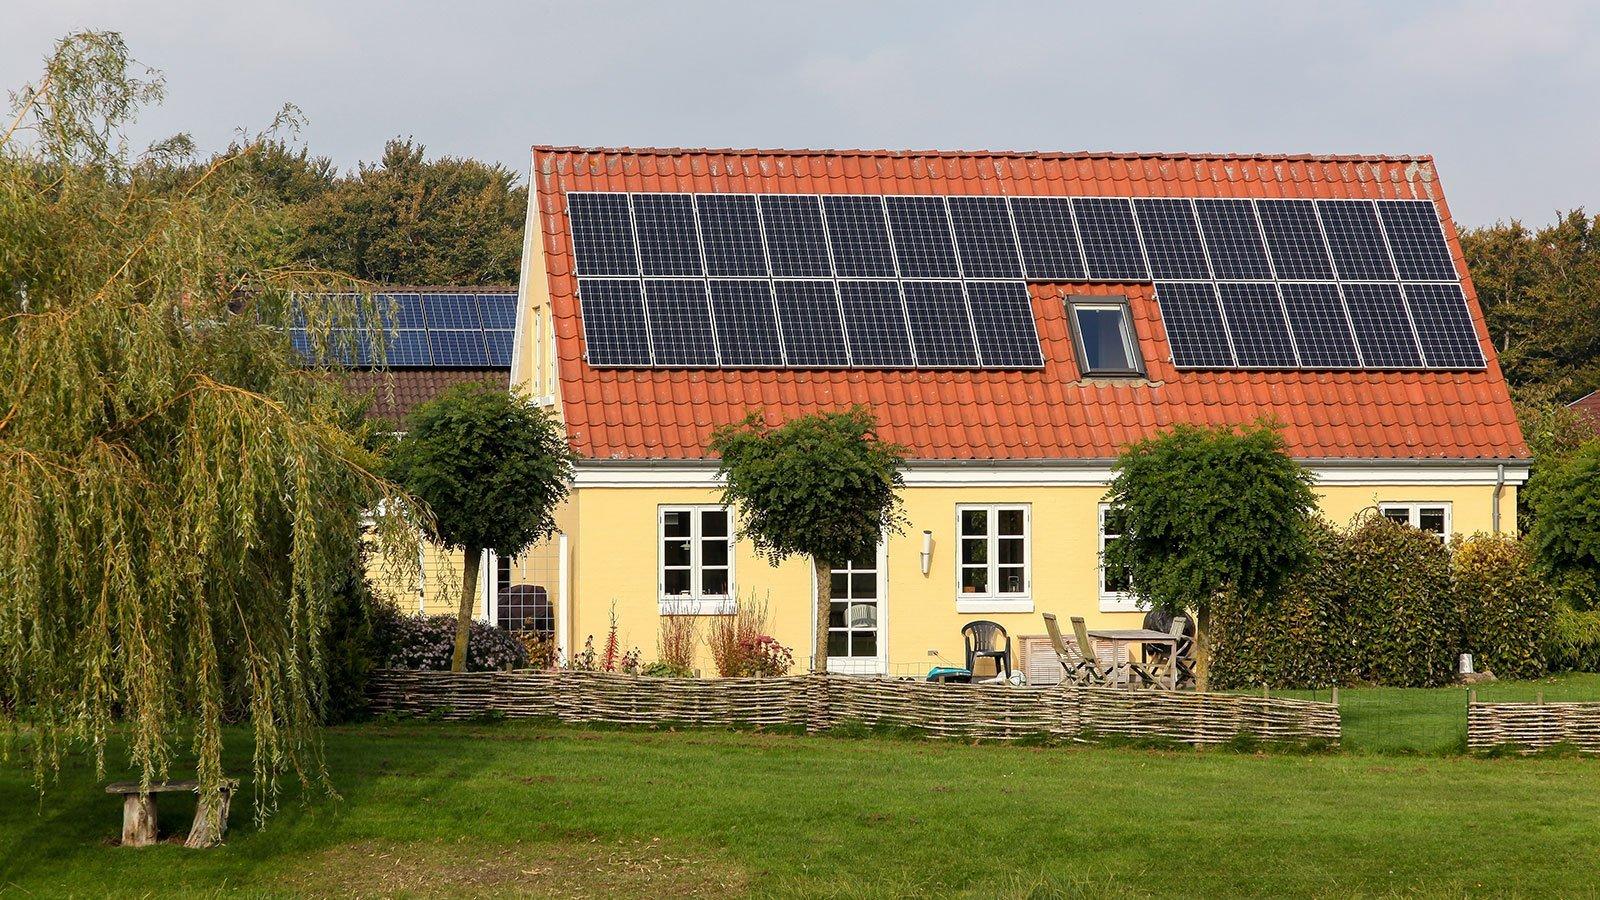 Solvarmeanlæg på hus. Foto: Colourbox.